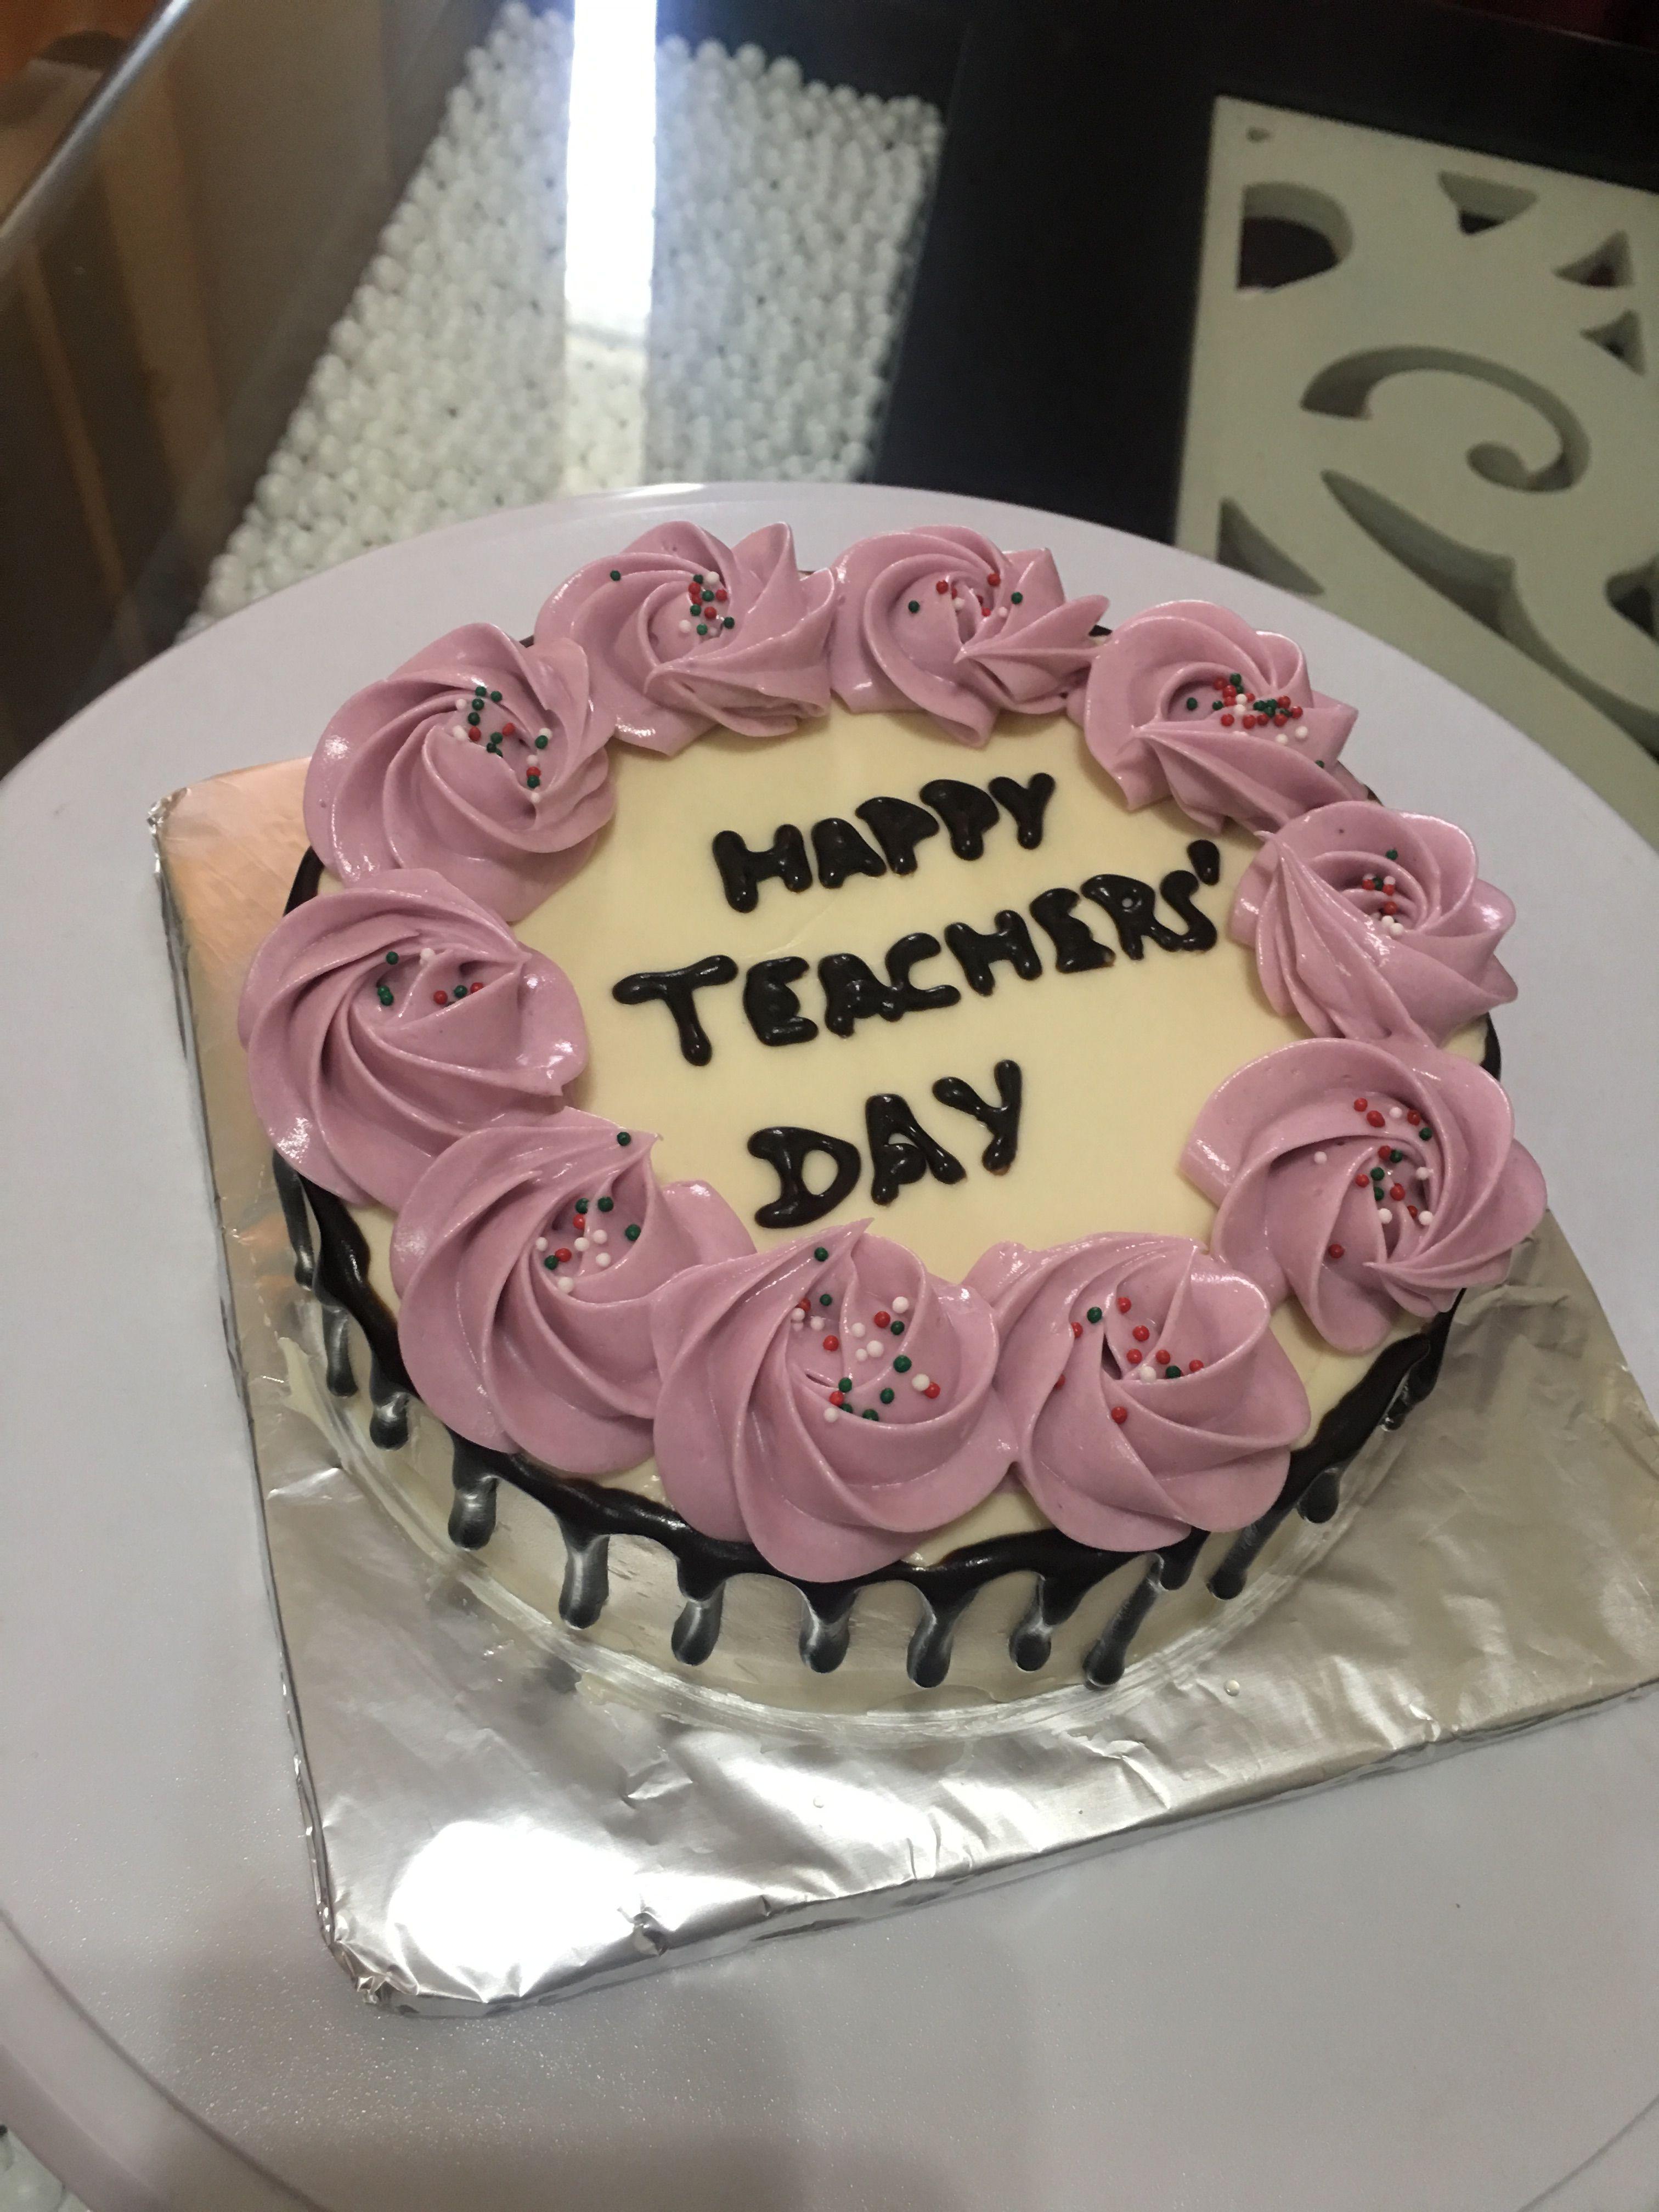 Teachers Day Cake Homemade Vanillacake Buttercream Rosettes Teachers Day Cake Teacher Cakes Princess Birthday Cake